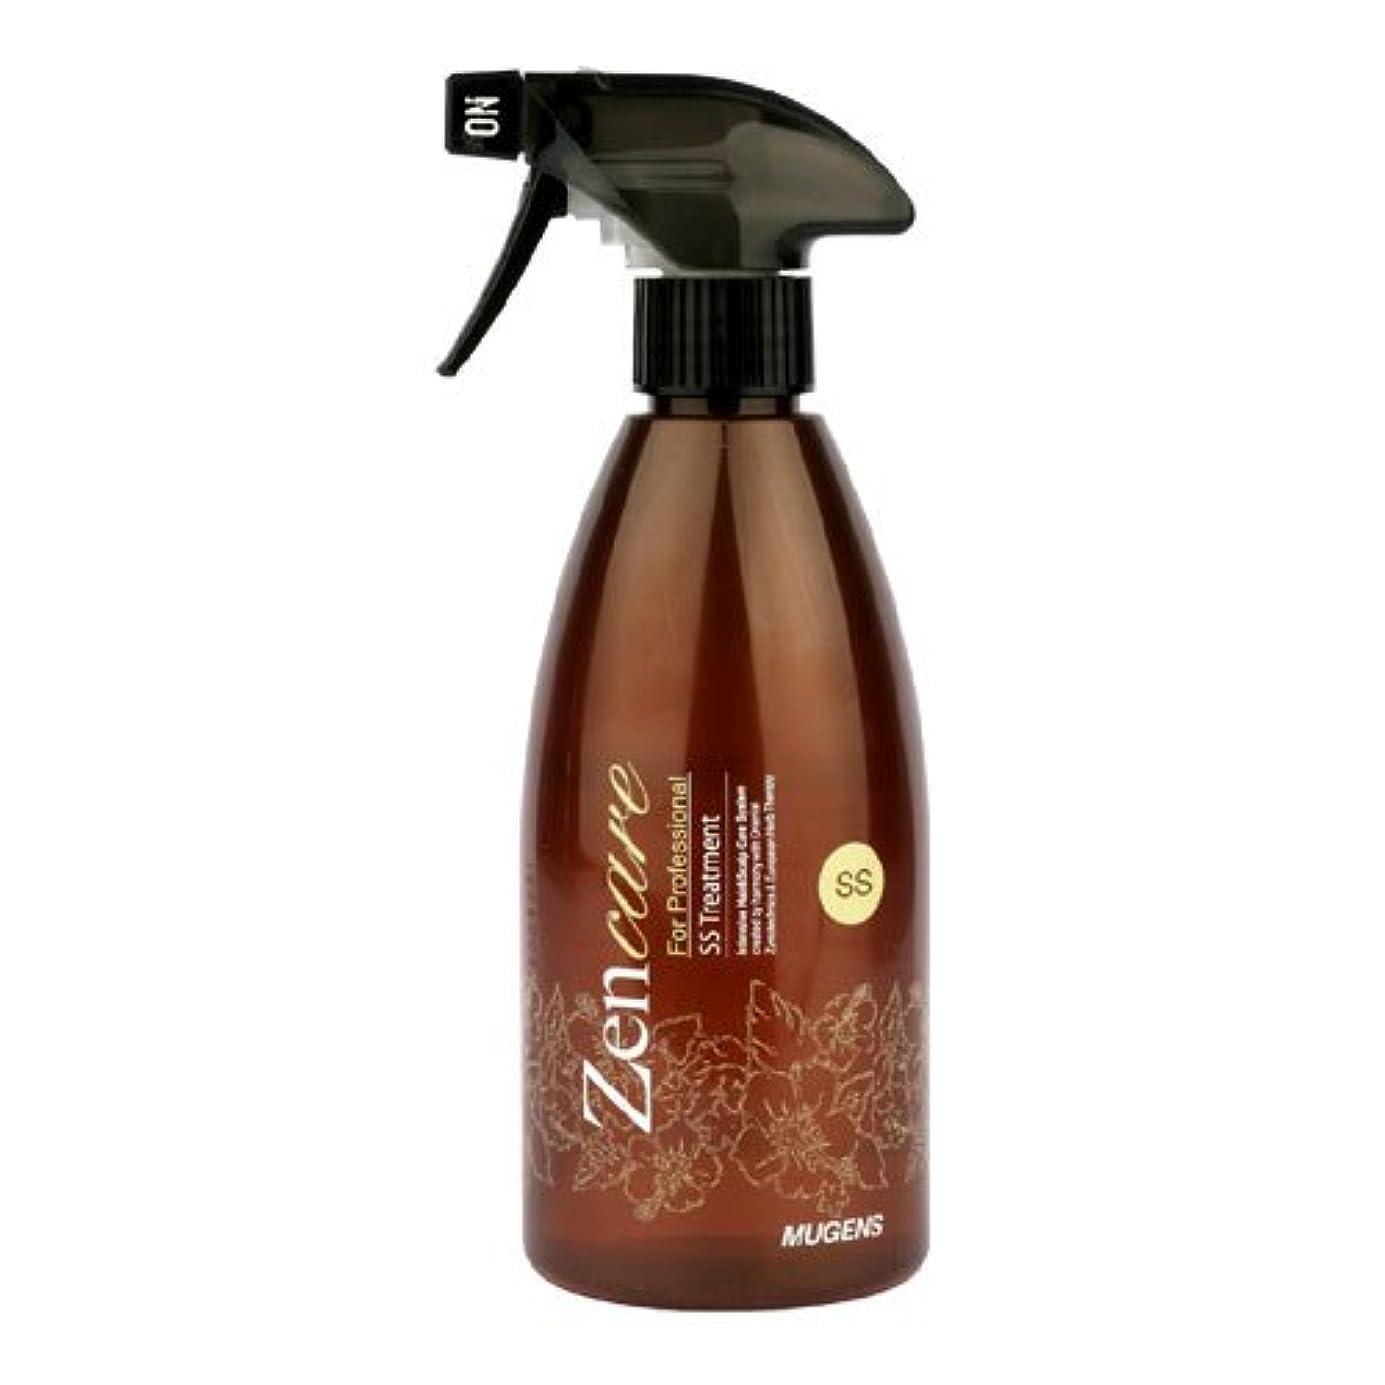 さびたそれ飛躍Mugens Zen Care SSヘアトリートメント500ml ダメージヘア -パーマ/染色/ブリーチ -集中ヘアケア (Mugens Zen Care SS Hair Treatment 500ml for Damaged...